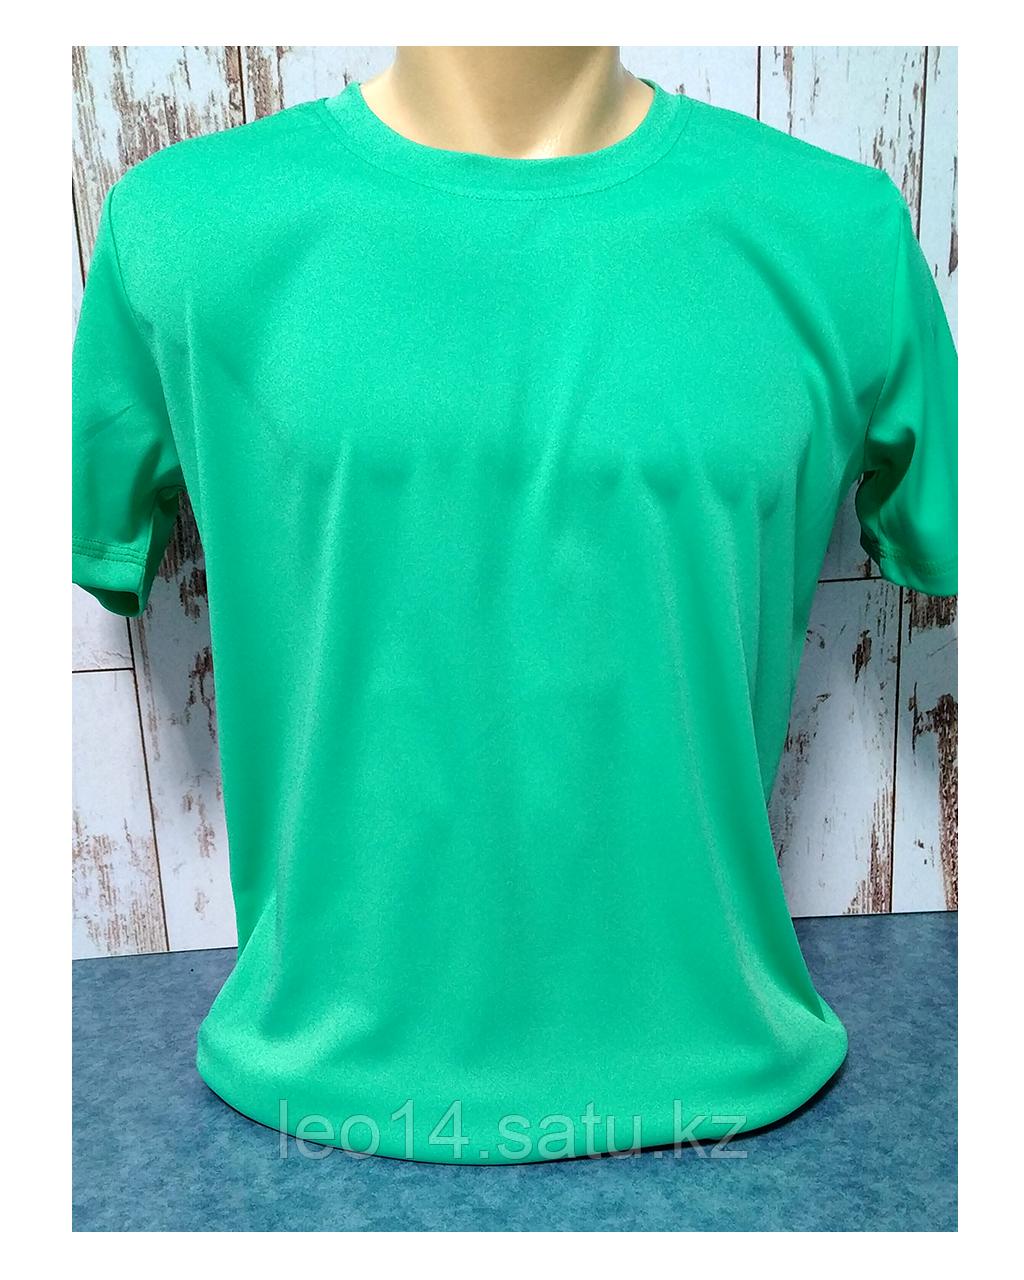 """Футболка """"Прима Лето"""" 52(XL) """"Unisex"""" цвет: Зеленая мята"""